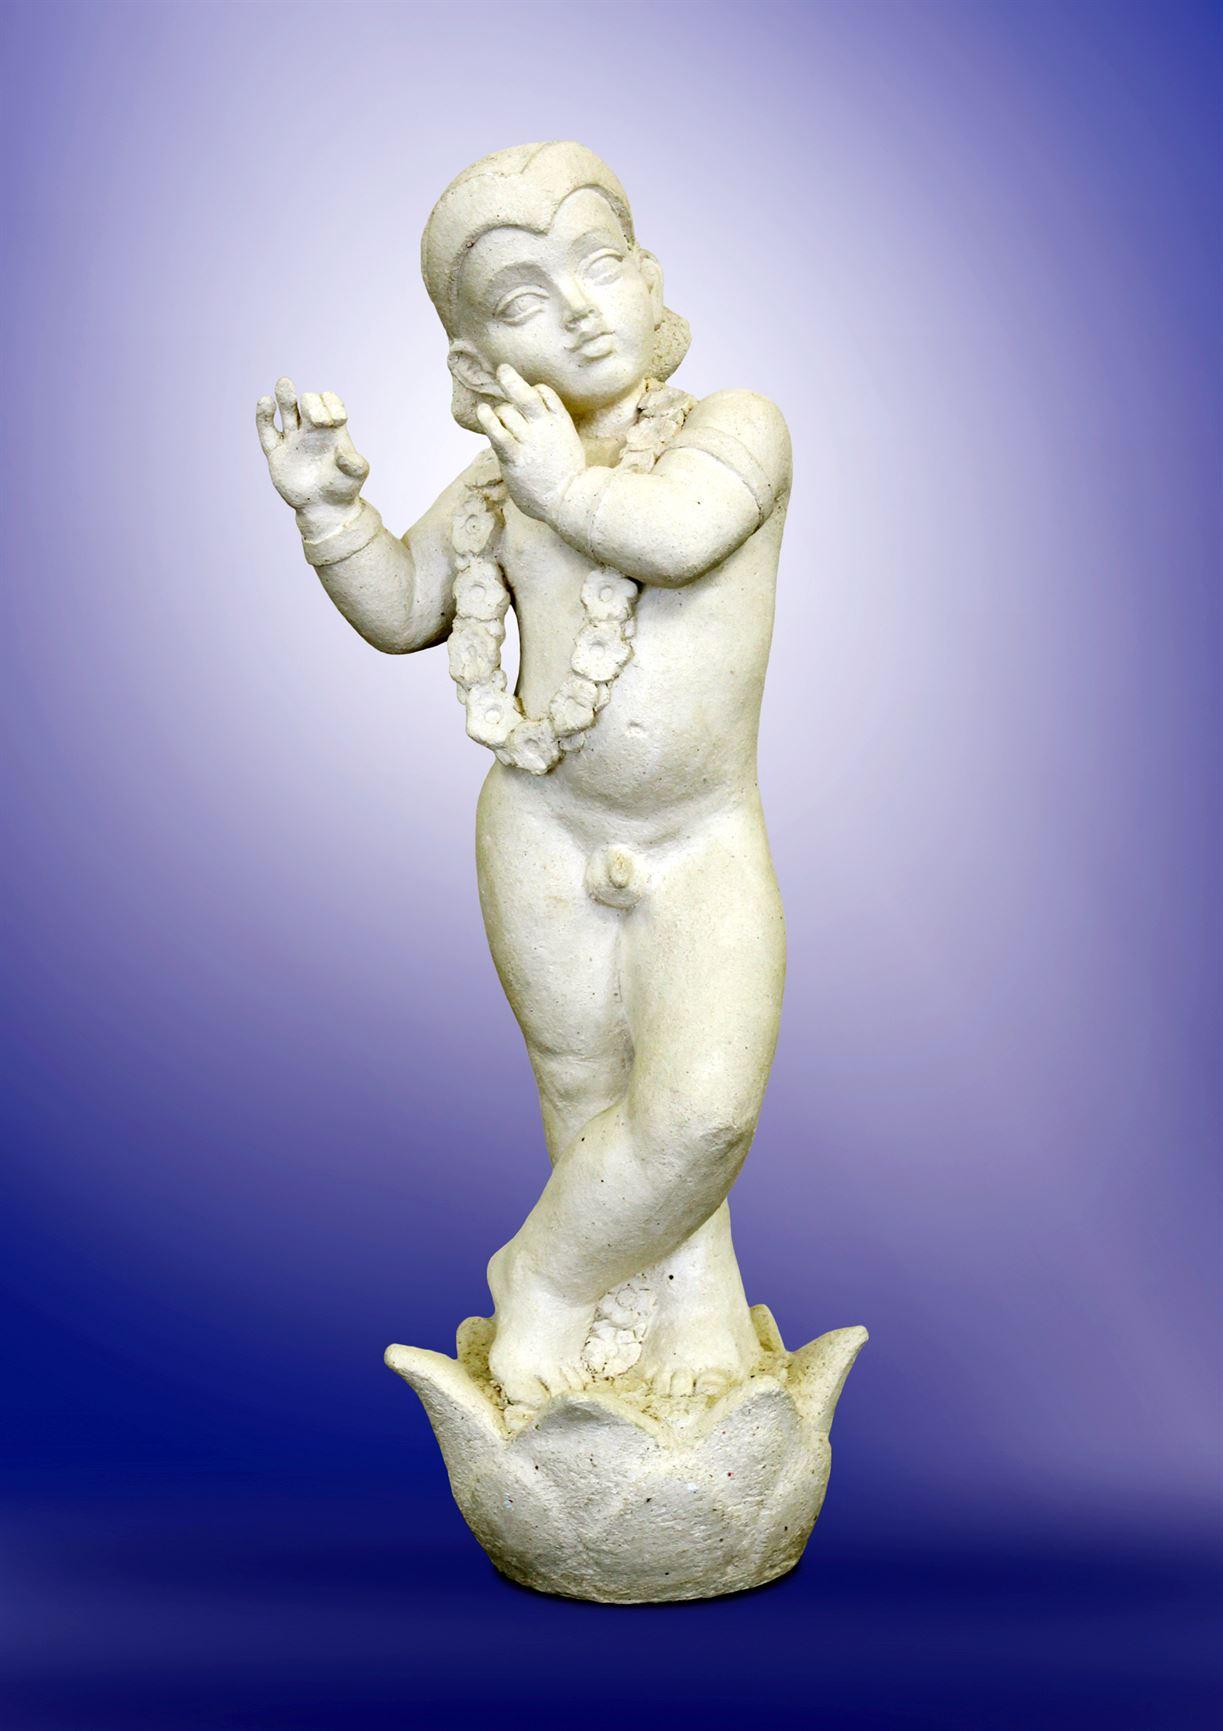 виды скульптур